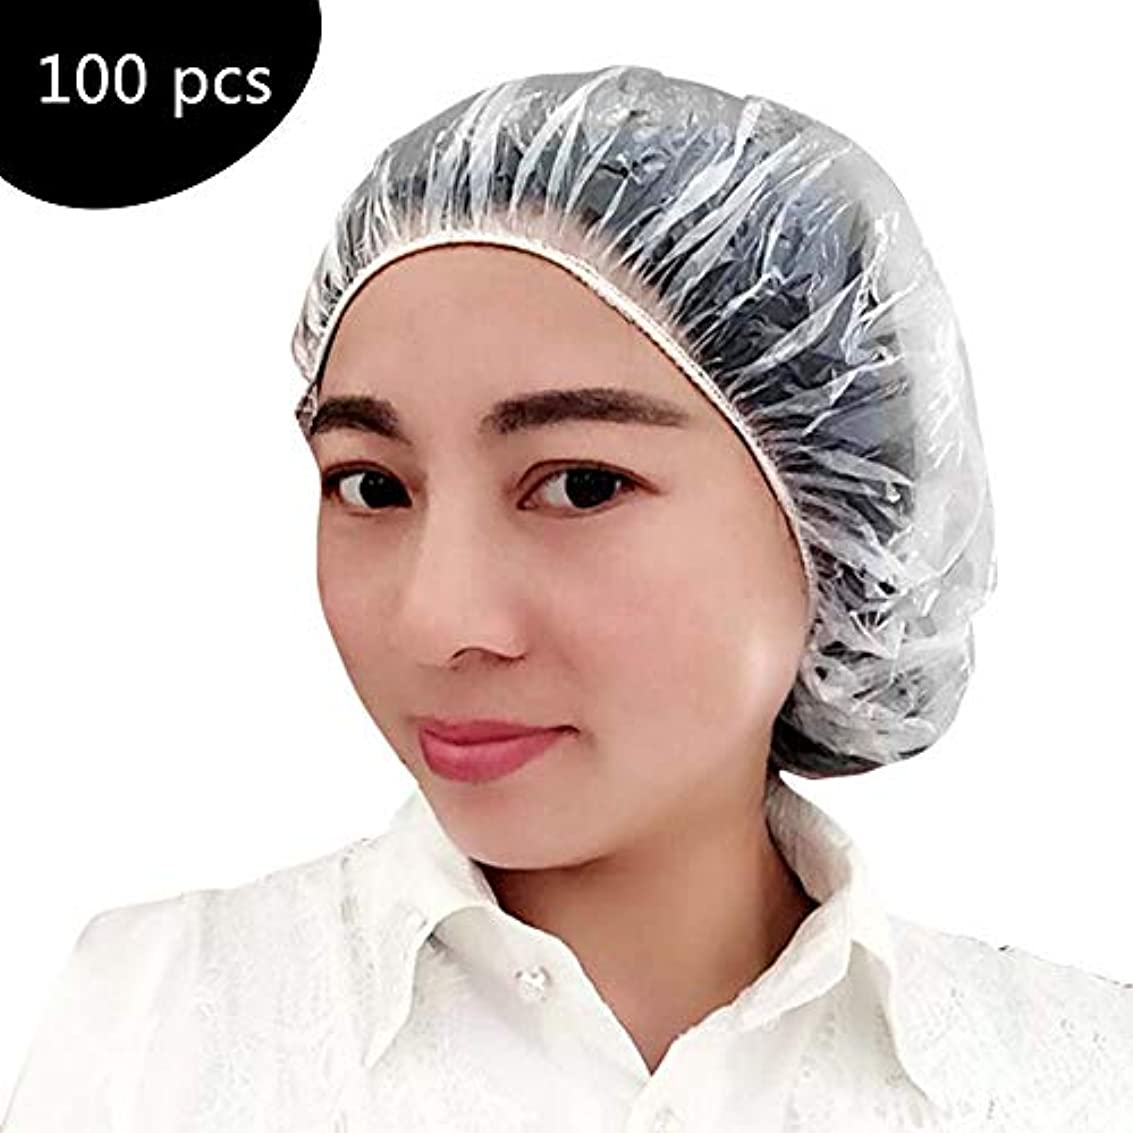 対一節マトンシャワーキャップ ヘアキャップ 使い捨てキャップ ヘアカバー ヘアーパック イージーキャップ 浴用帽子 シャワー用 高品質 髪染め用 フリーサイズ 男女兼用 100入り